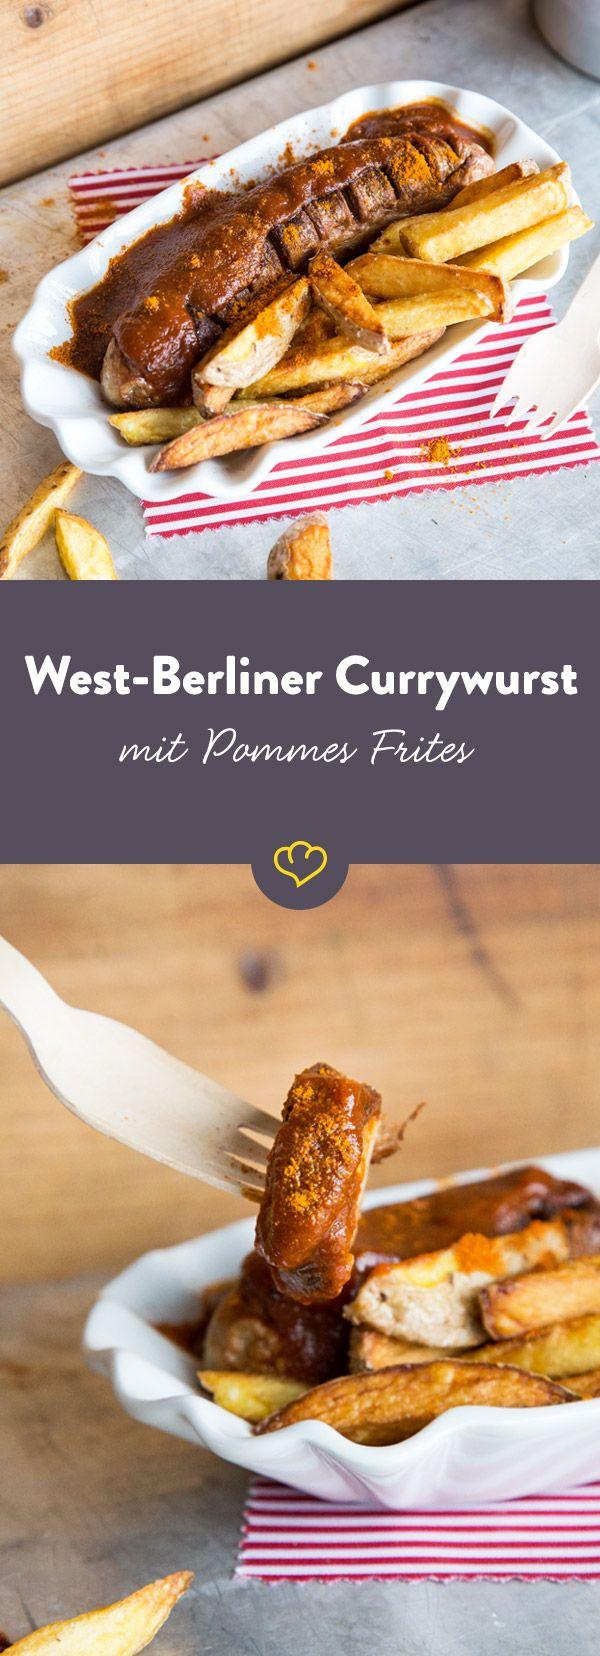 Hol dir ein echtes Stück West-Berlin nach Hause. Krass gebratene Wurst mit Darm, fruchtig scharfe Currysauce und frisch frittierte Pommes.